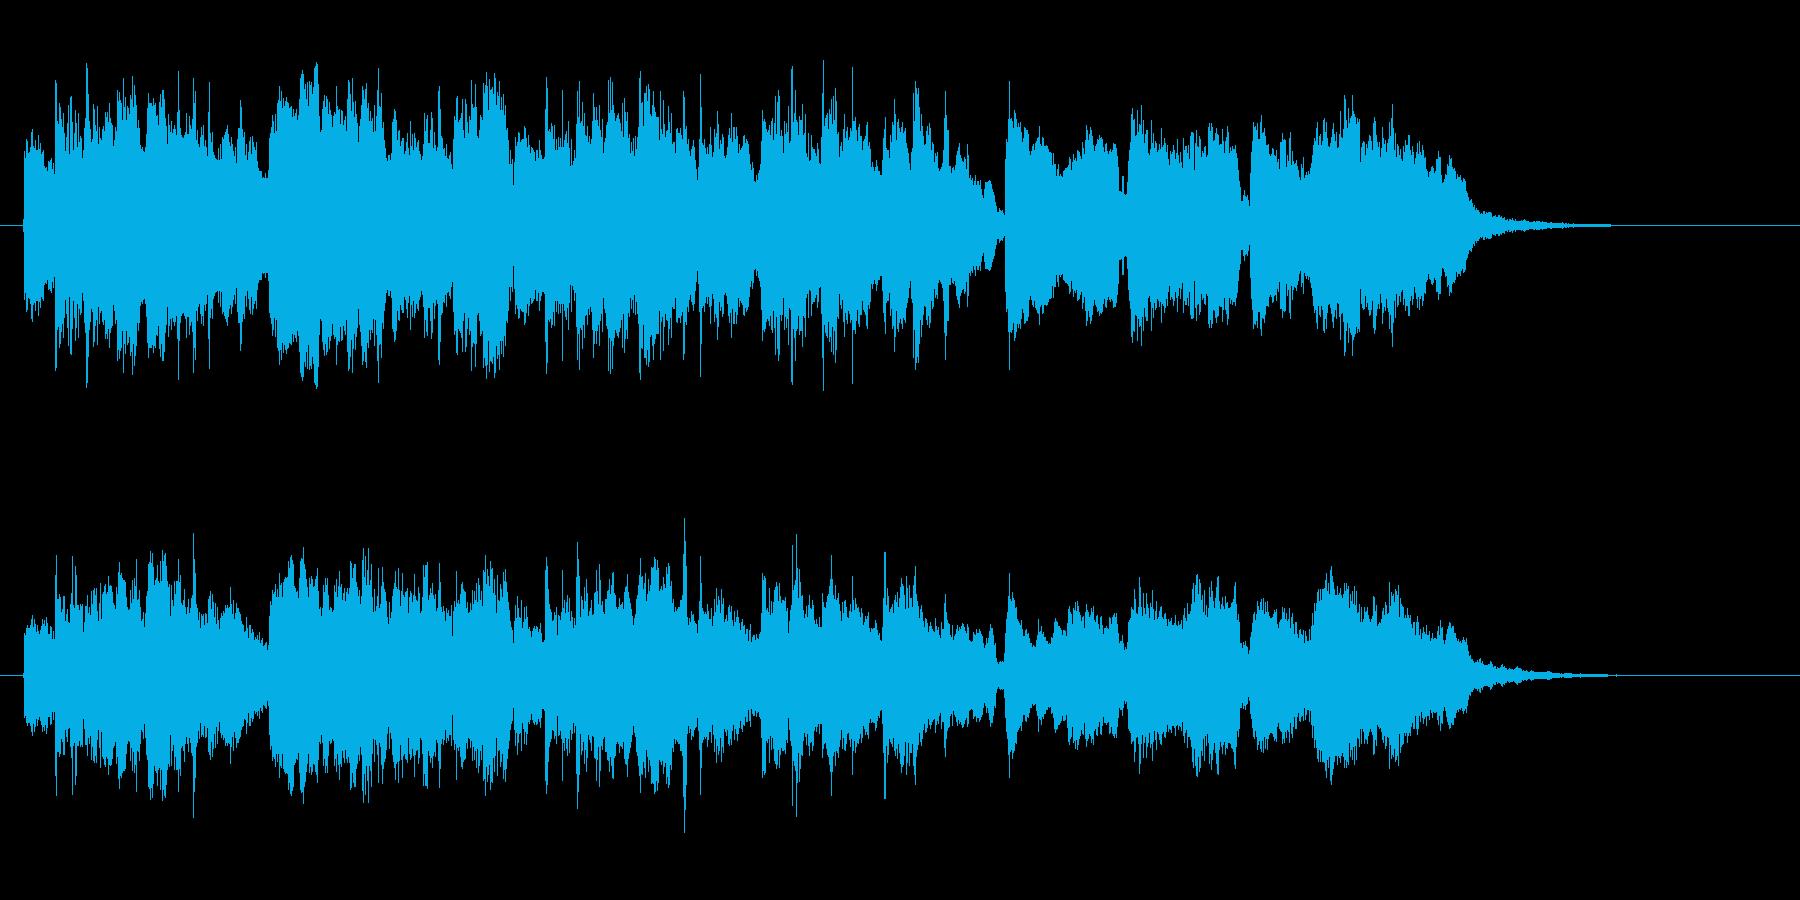 メルヘンで優しいシンセオルガンサウンドの再生済みの波形